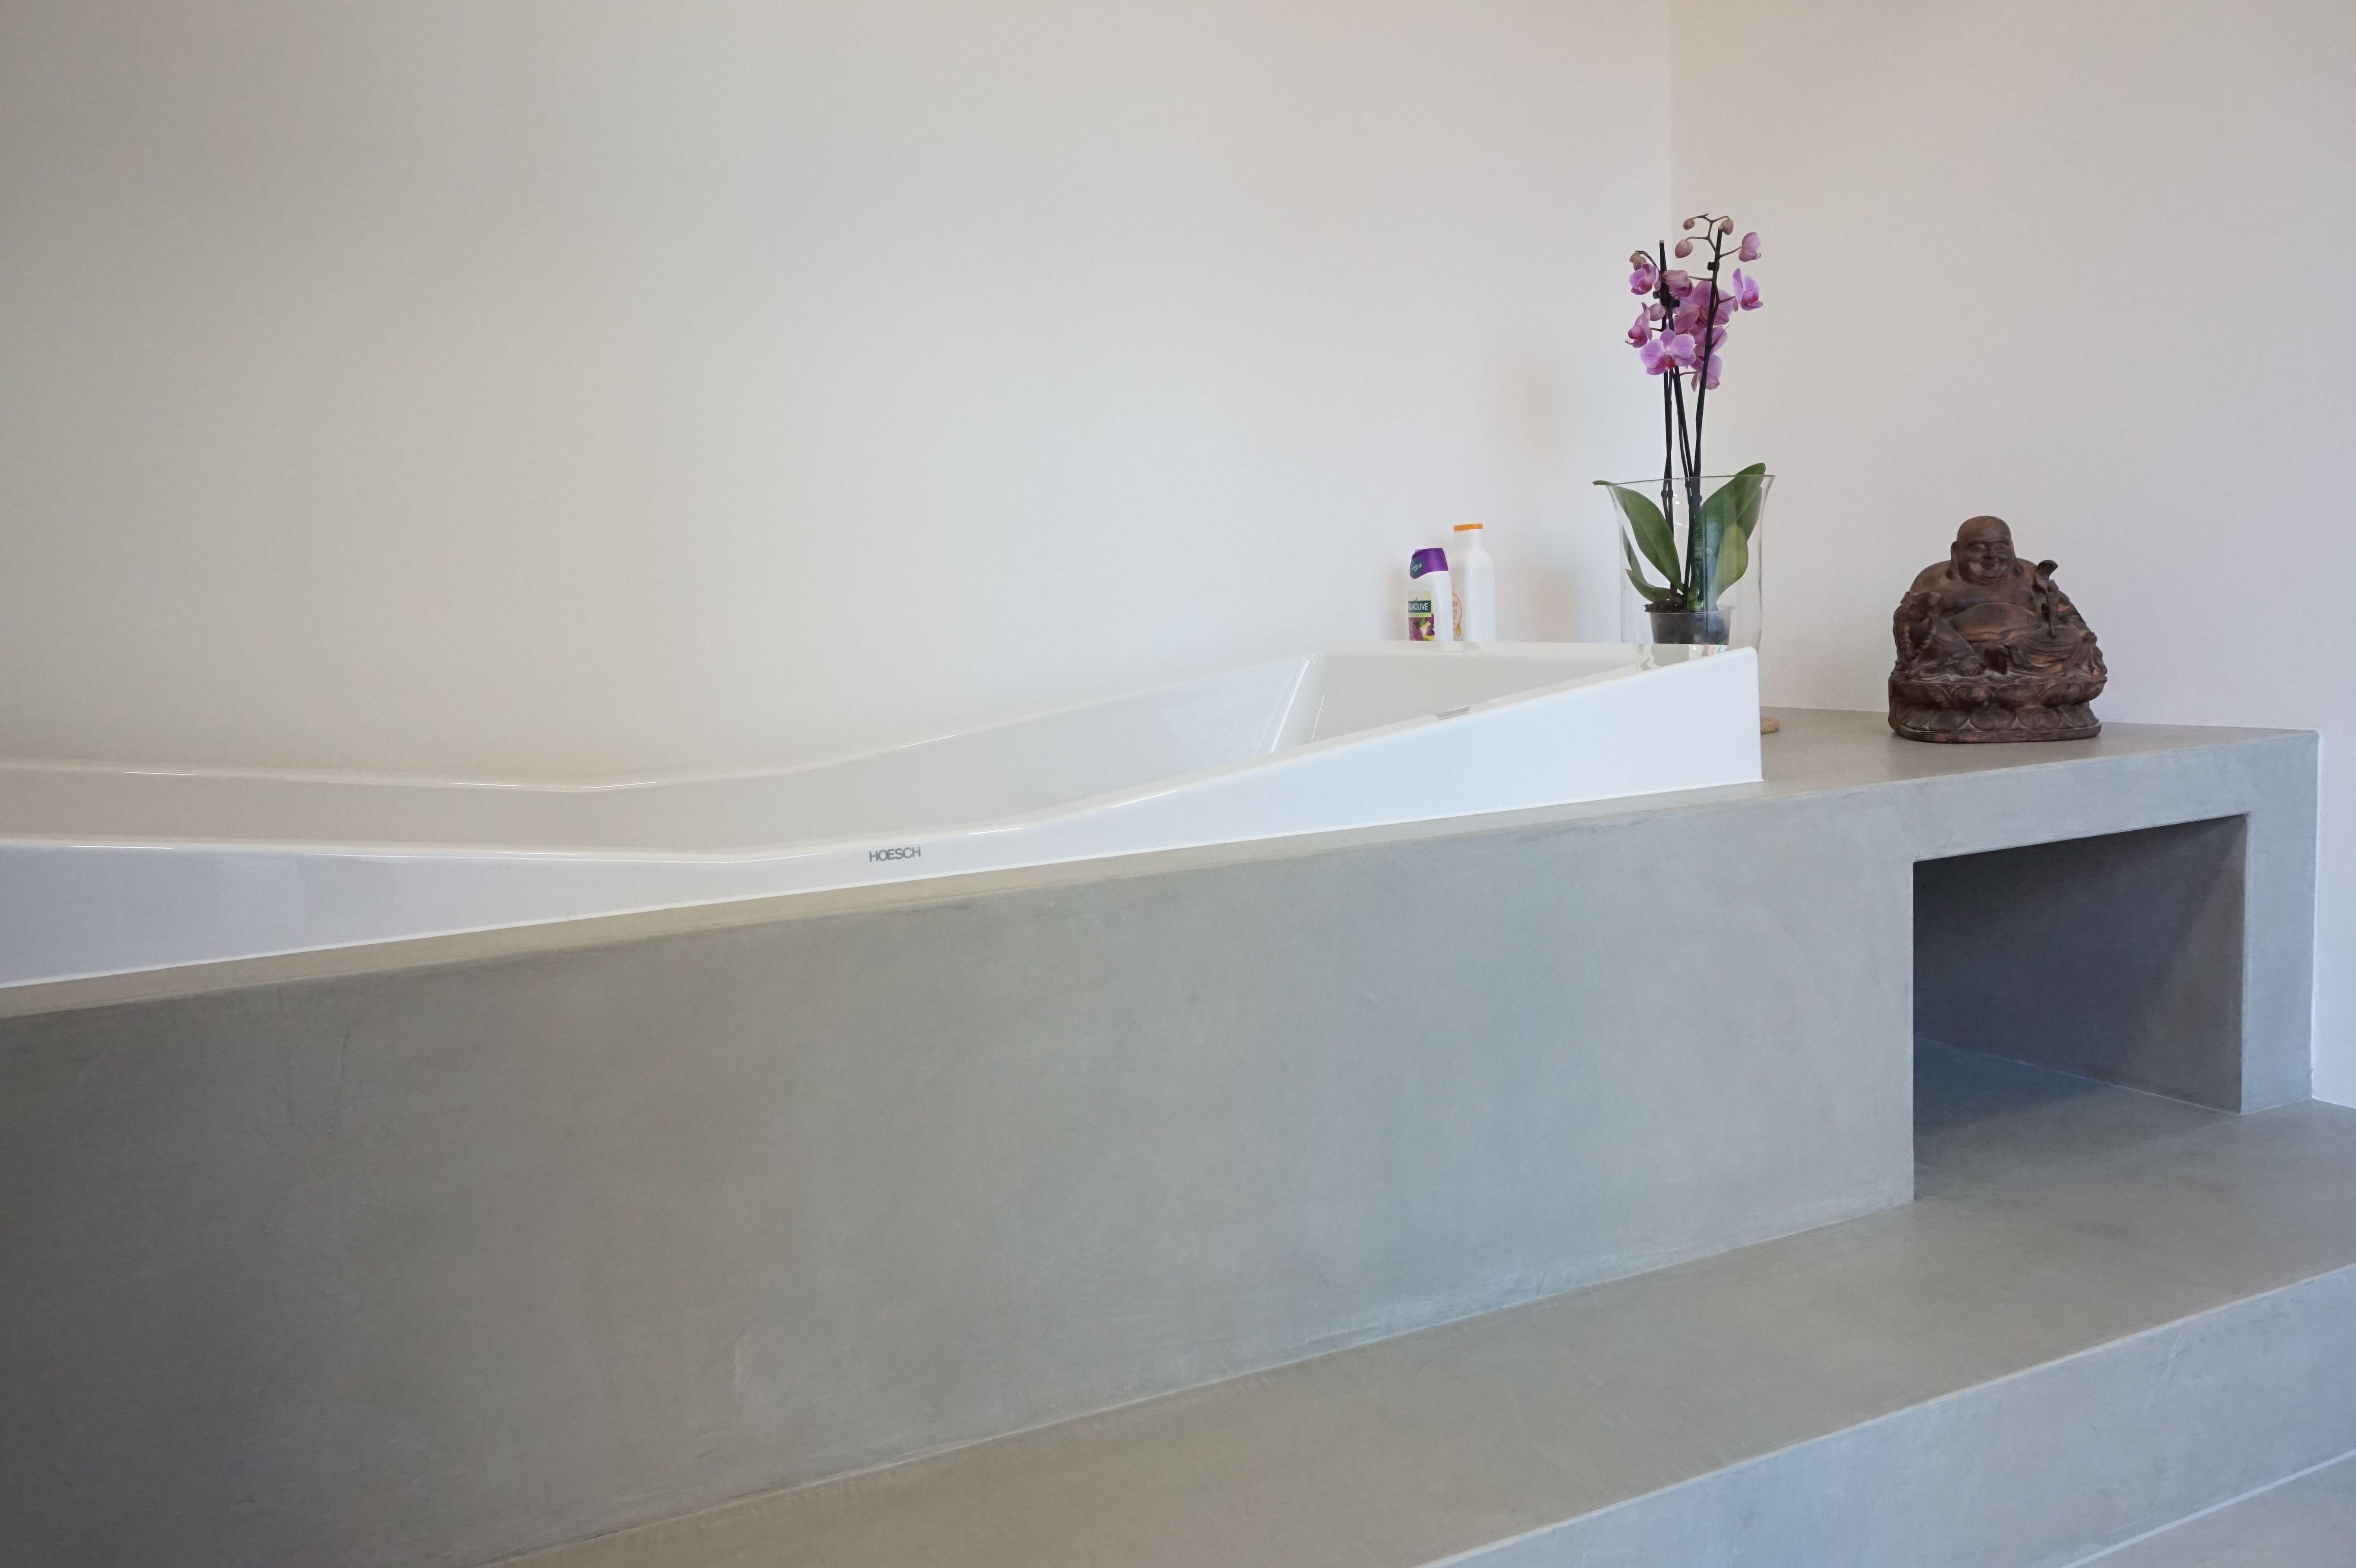 Beton Cire Fugenloses Bad Fugenlose Badgestaltung Badgestaltung Wandgestaltung Badezimmer